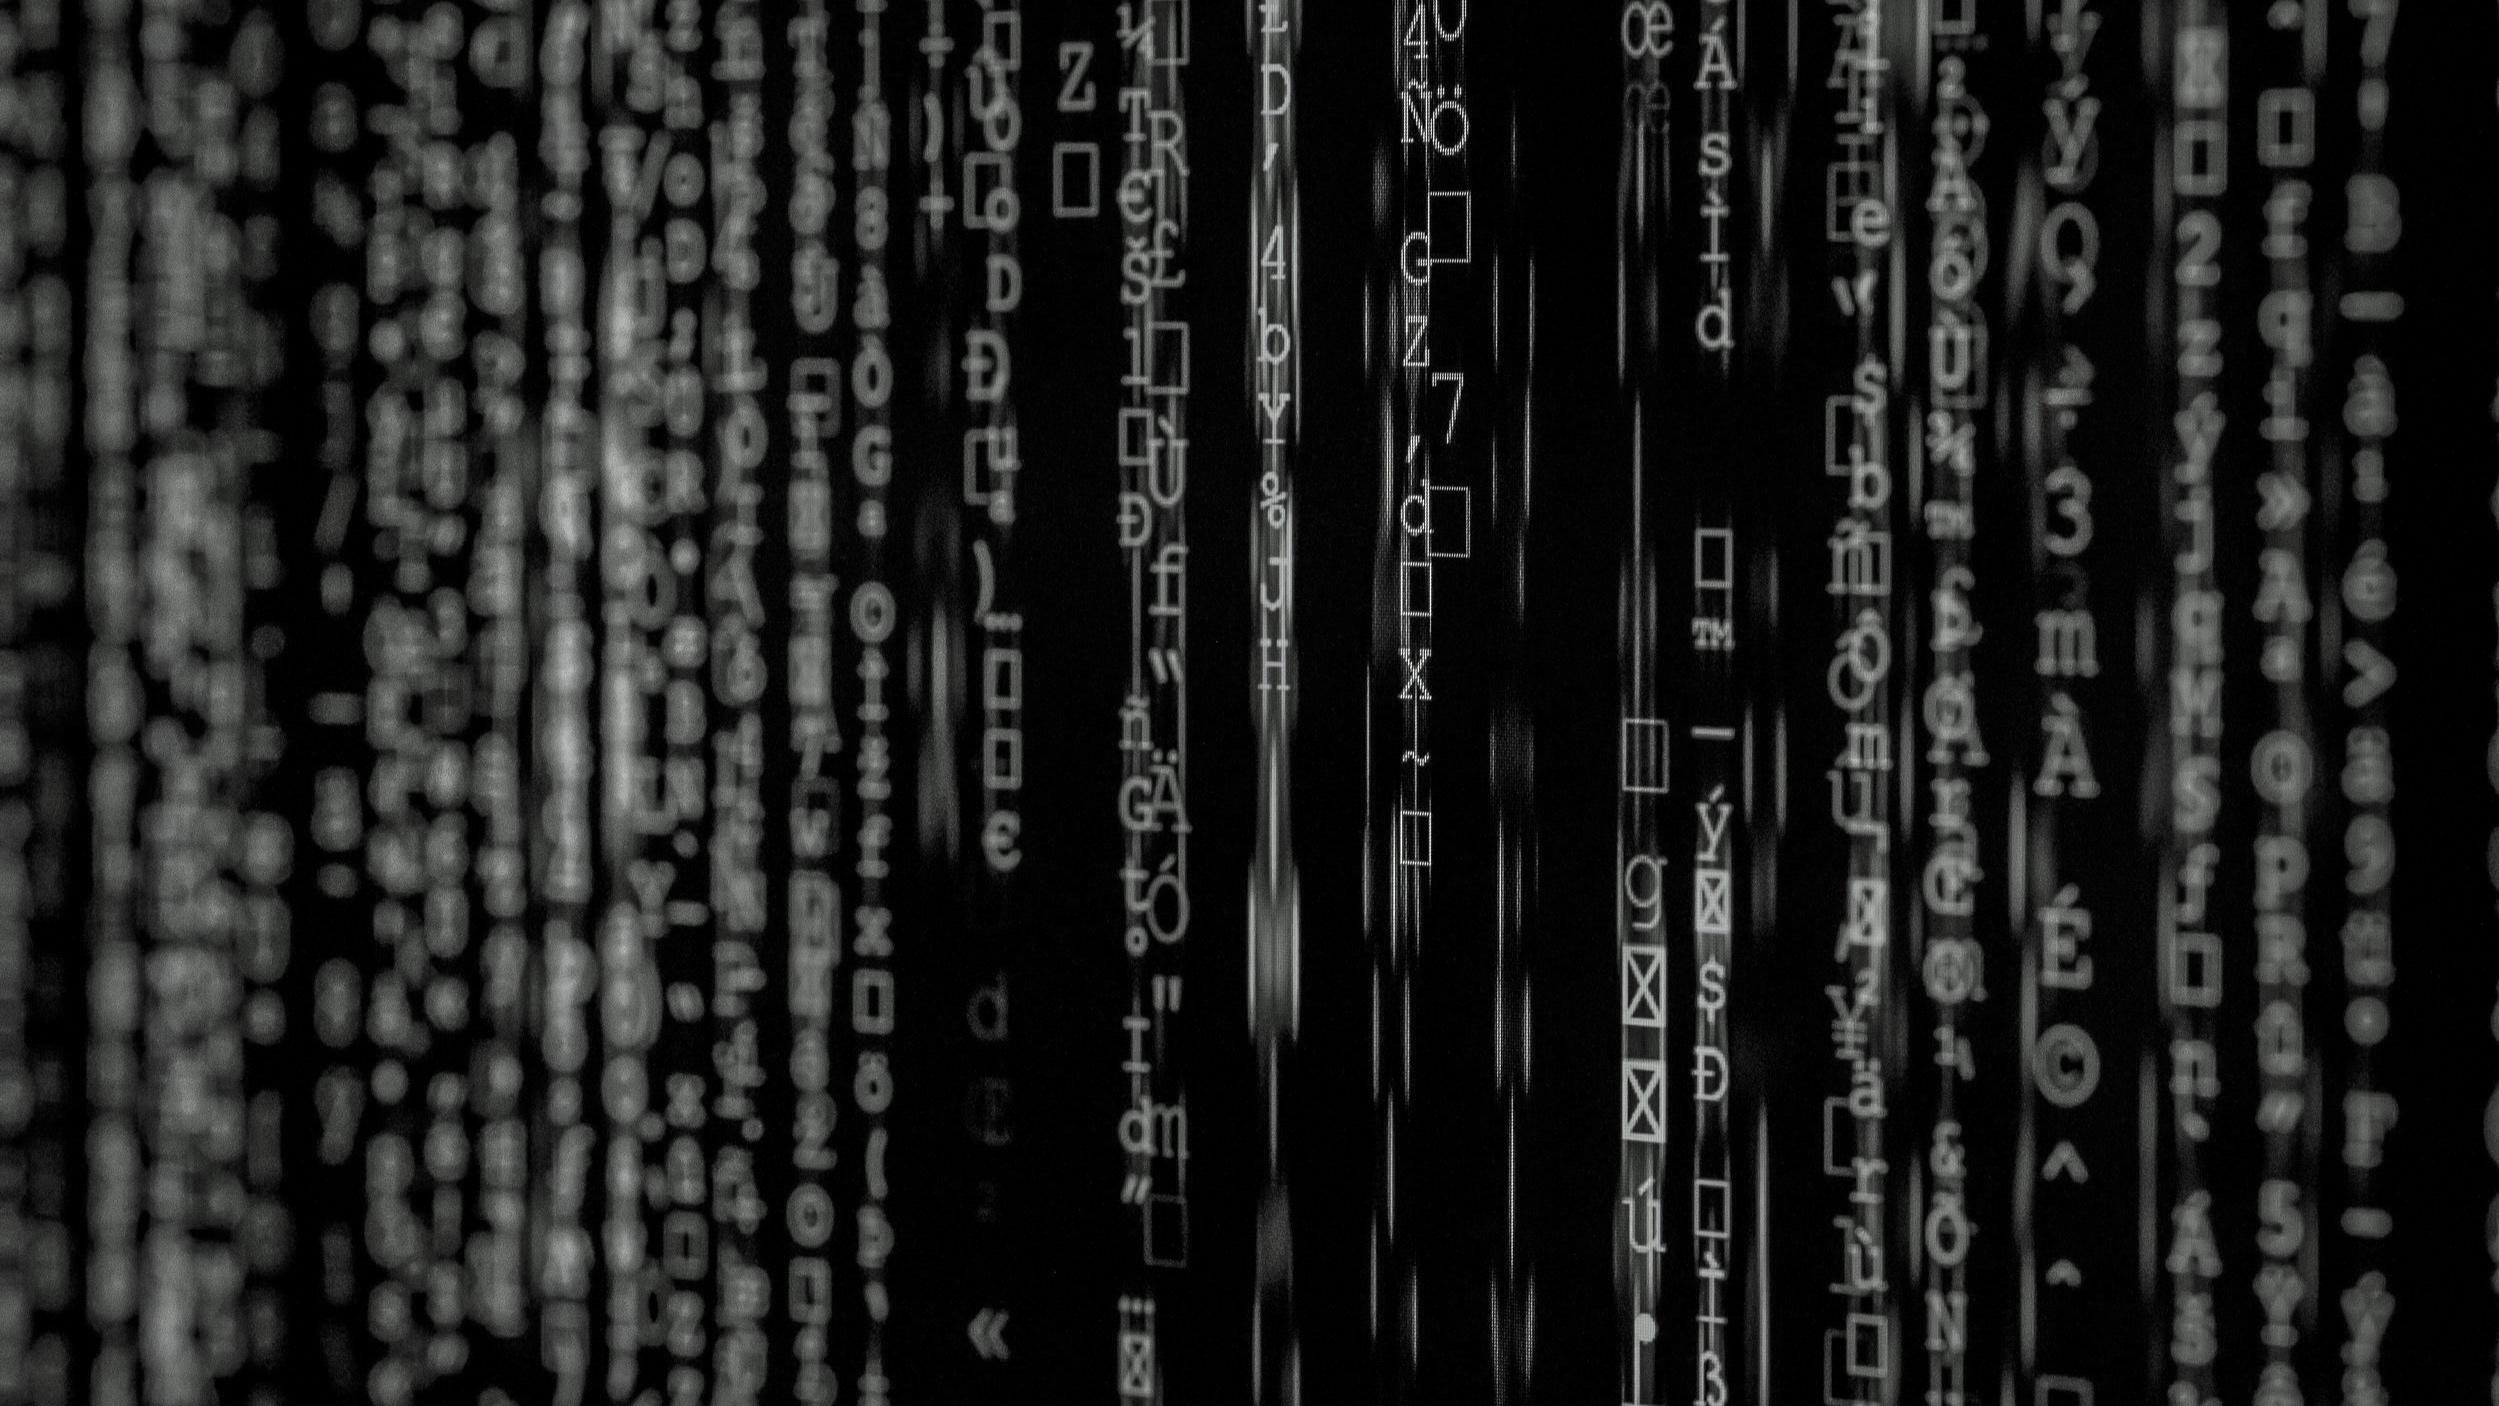 Encryption technologies -